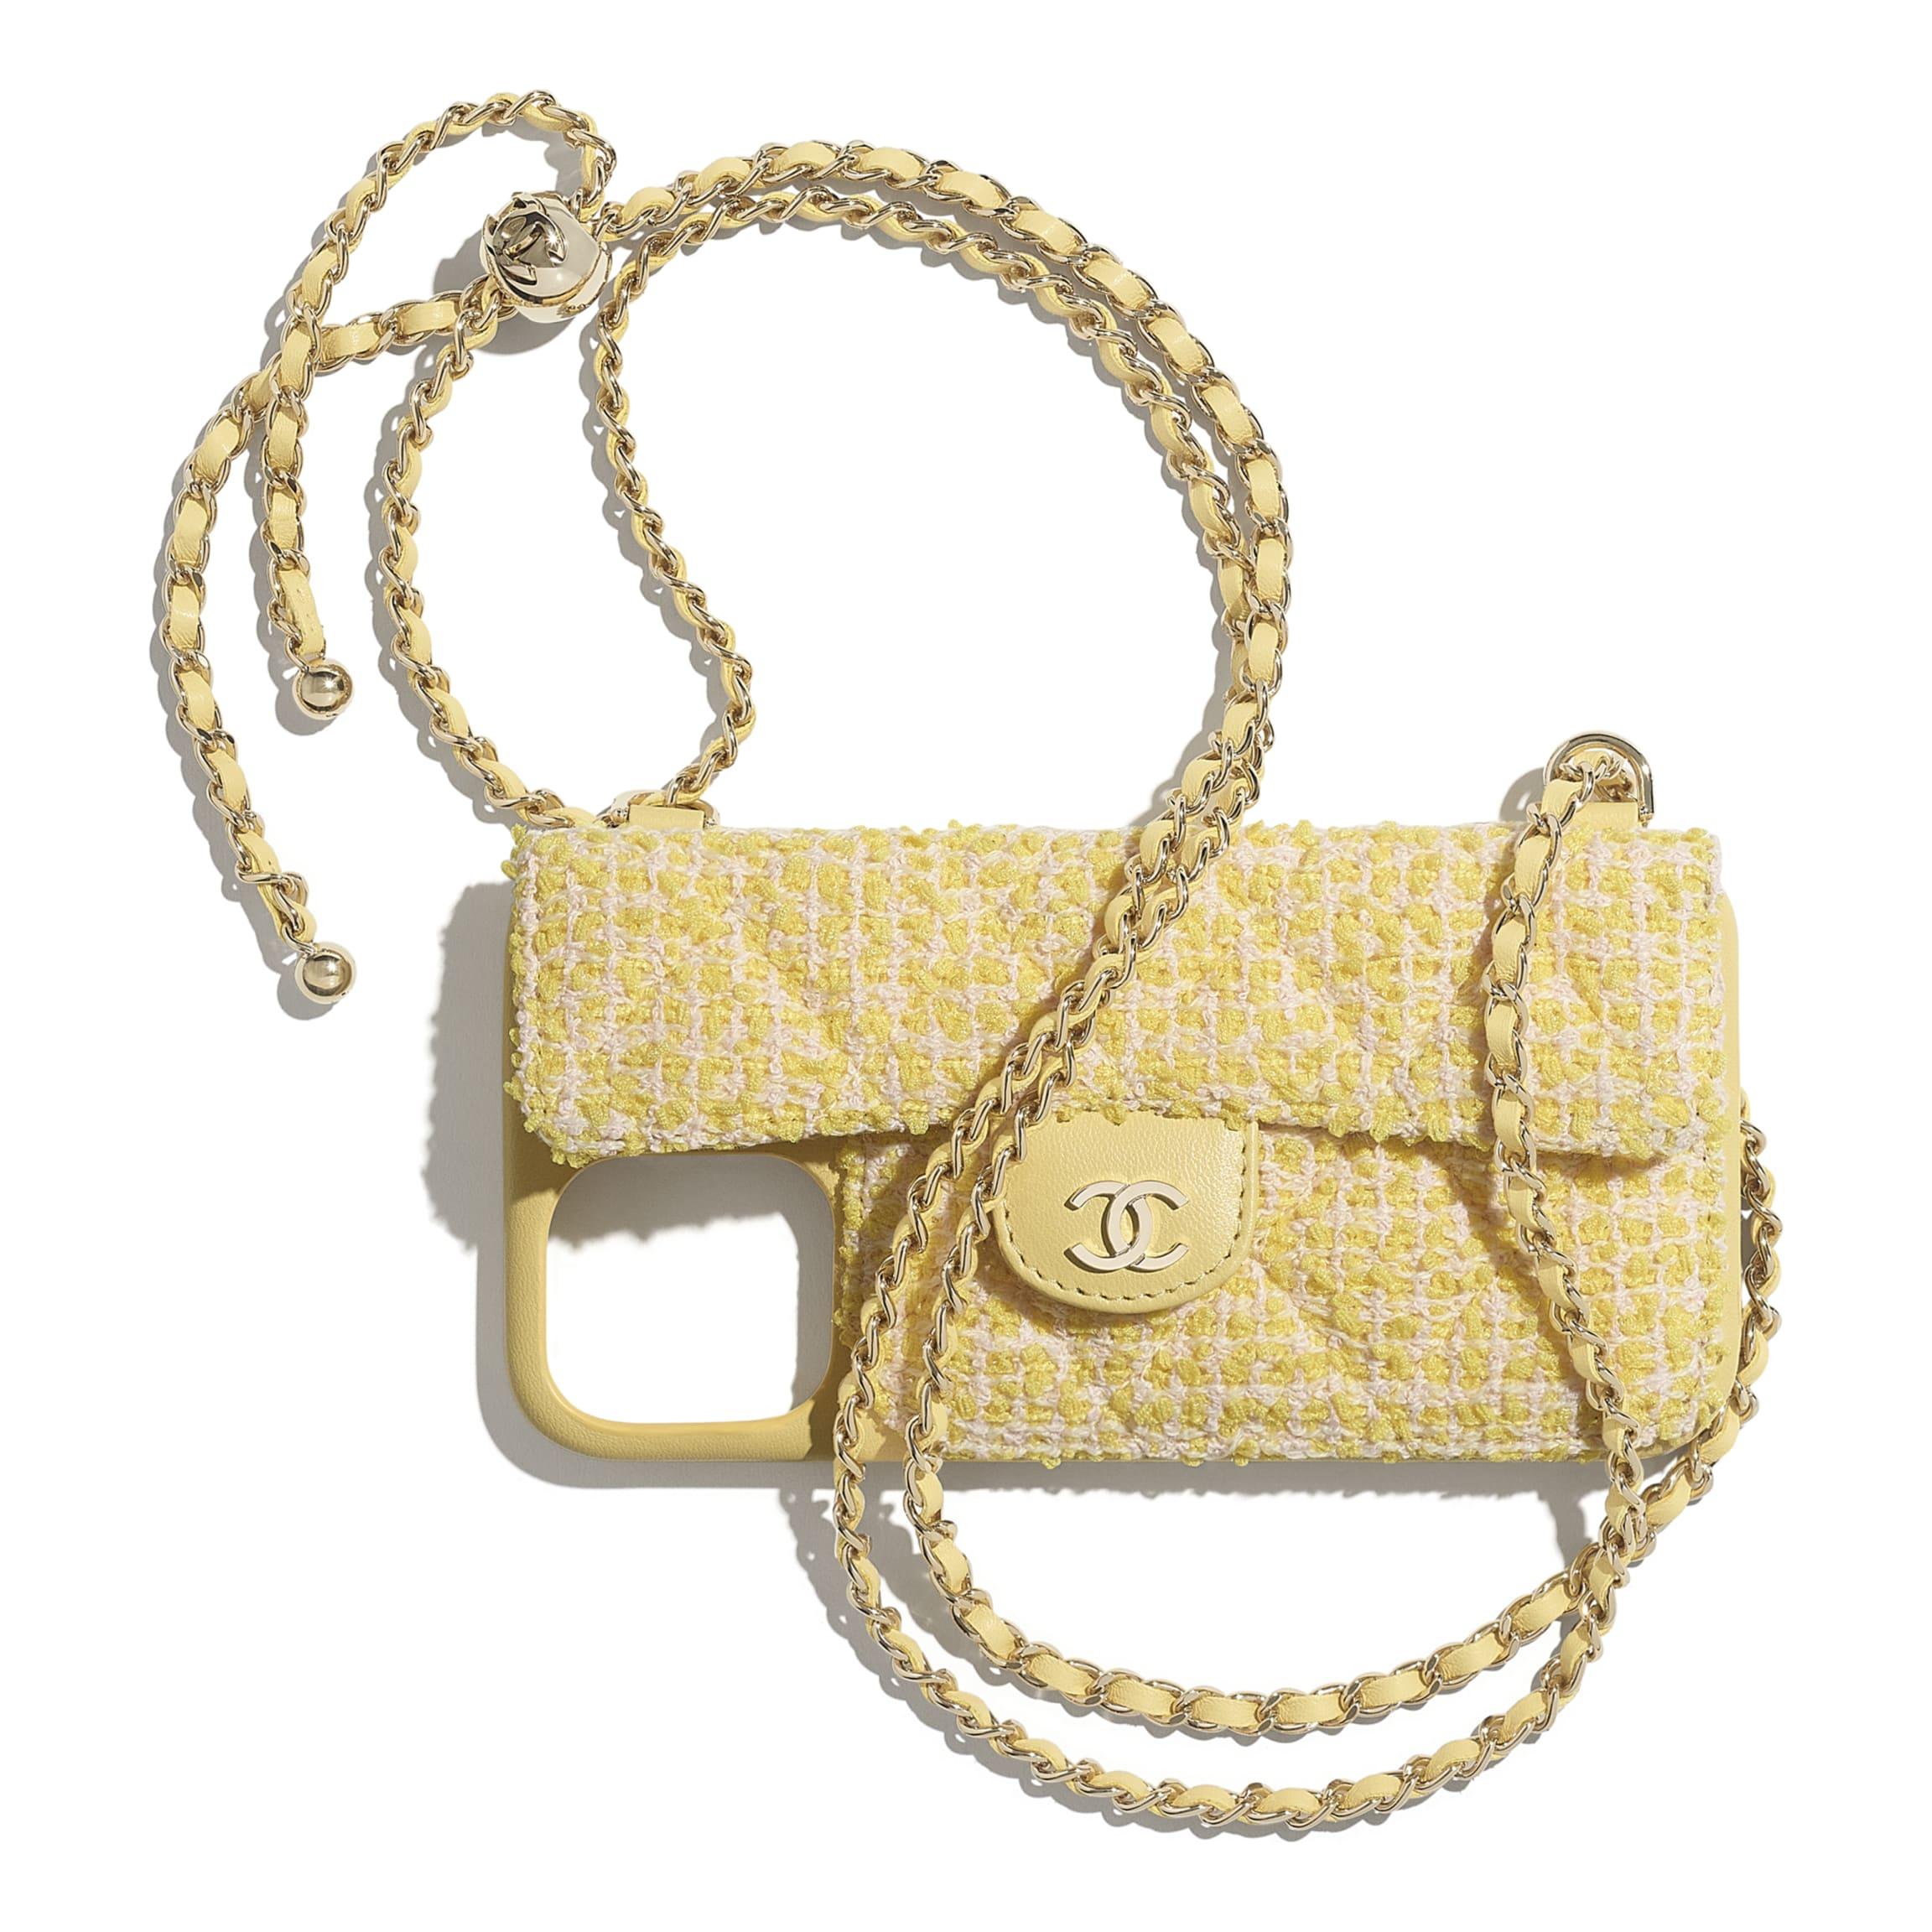 Custodia per iPhone XII Pro MAX classica con catena, Tweed & metallo effetto dorato   CHANEL